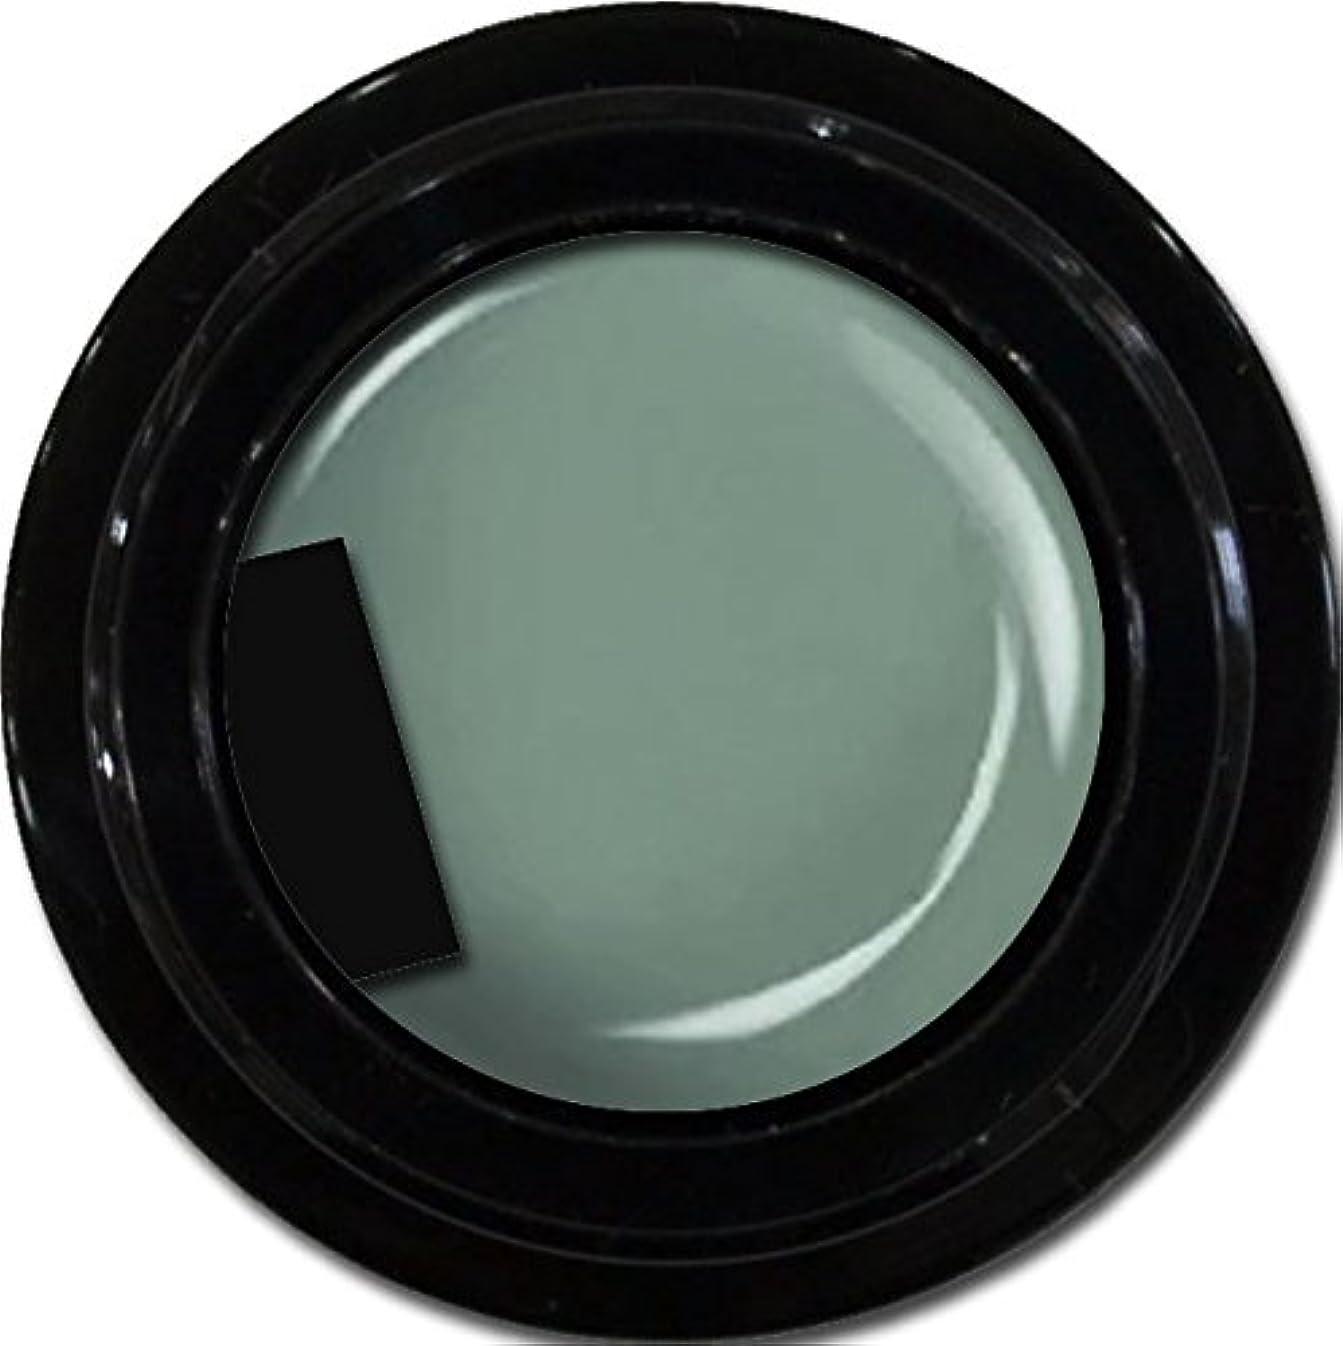 カセットデュアルペデスタルカラージェル enchant color gel M716 Khaki 3g/ マットカラージェル M716 カーキー 3グラム